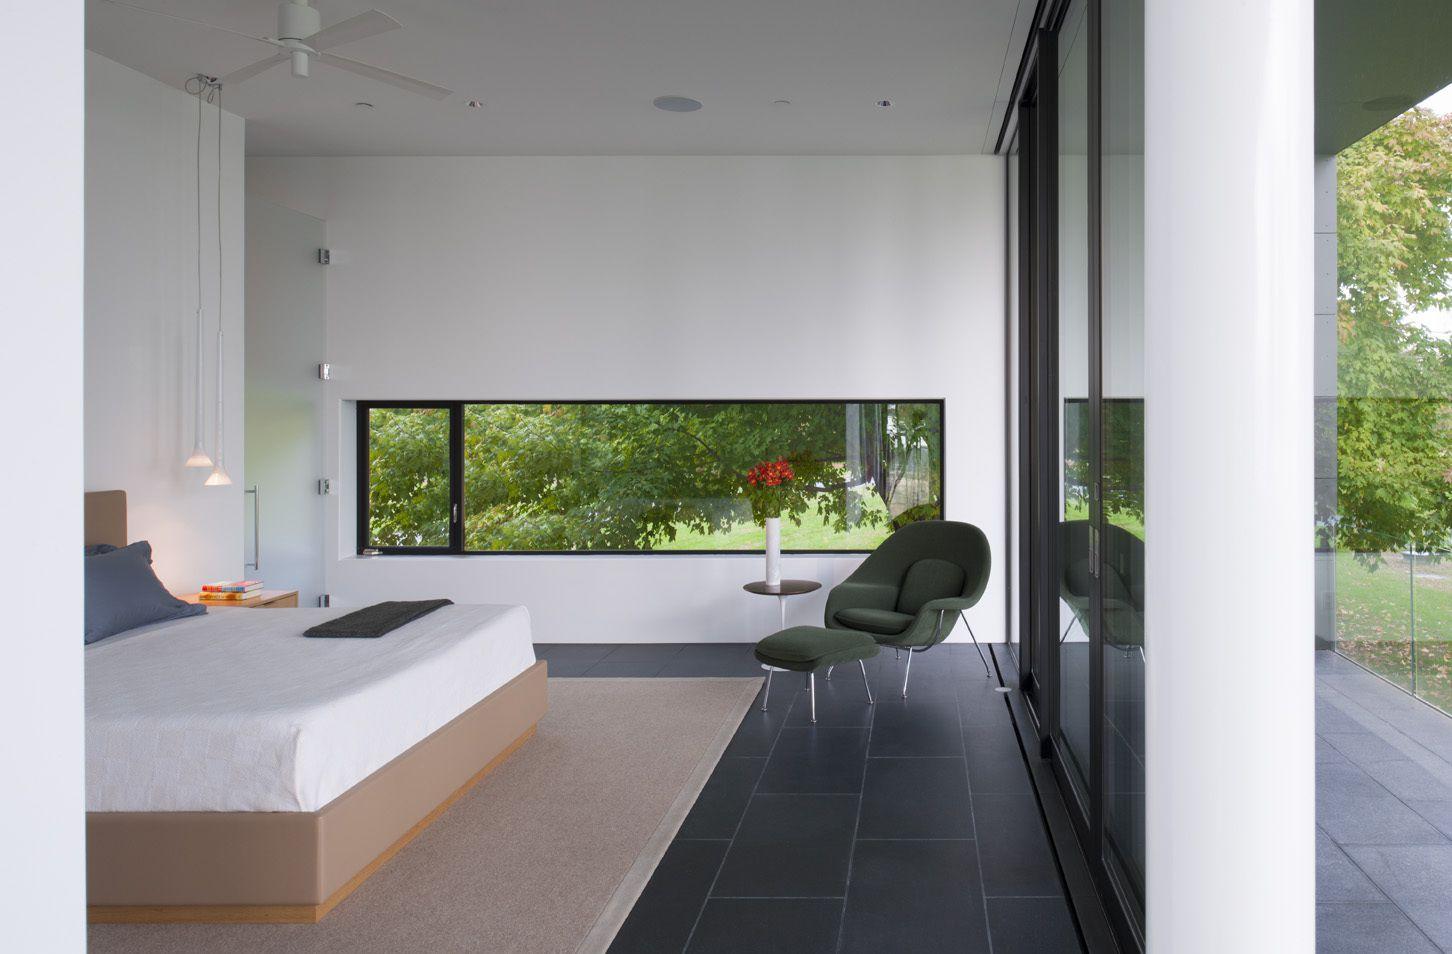 tred-avon-river-house-robert-m-gurney-architect_mackenzie-gurney-guttmanresidence-21